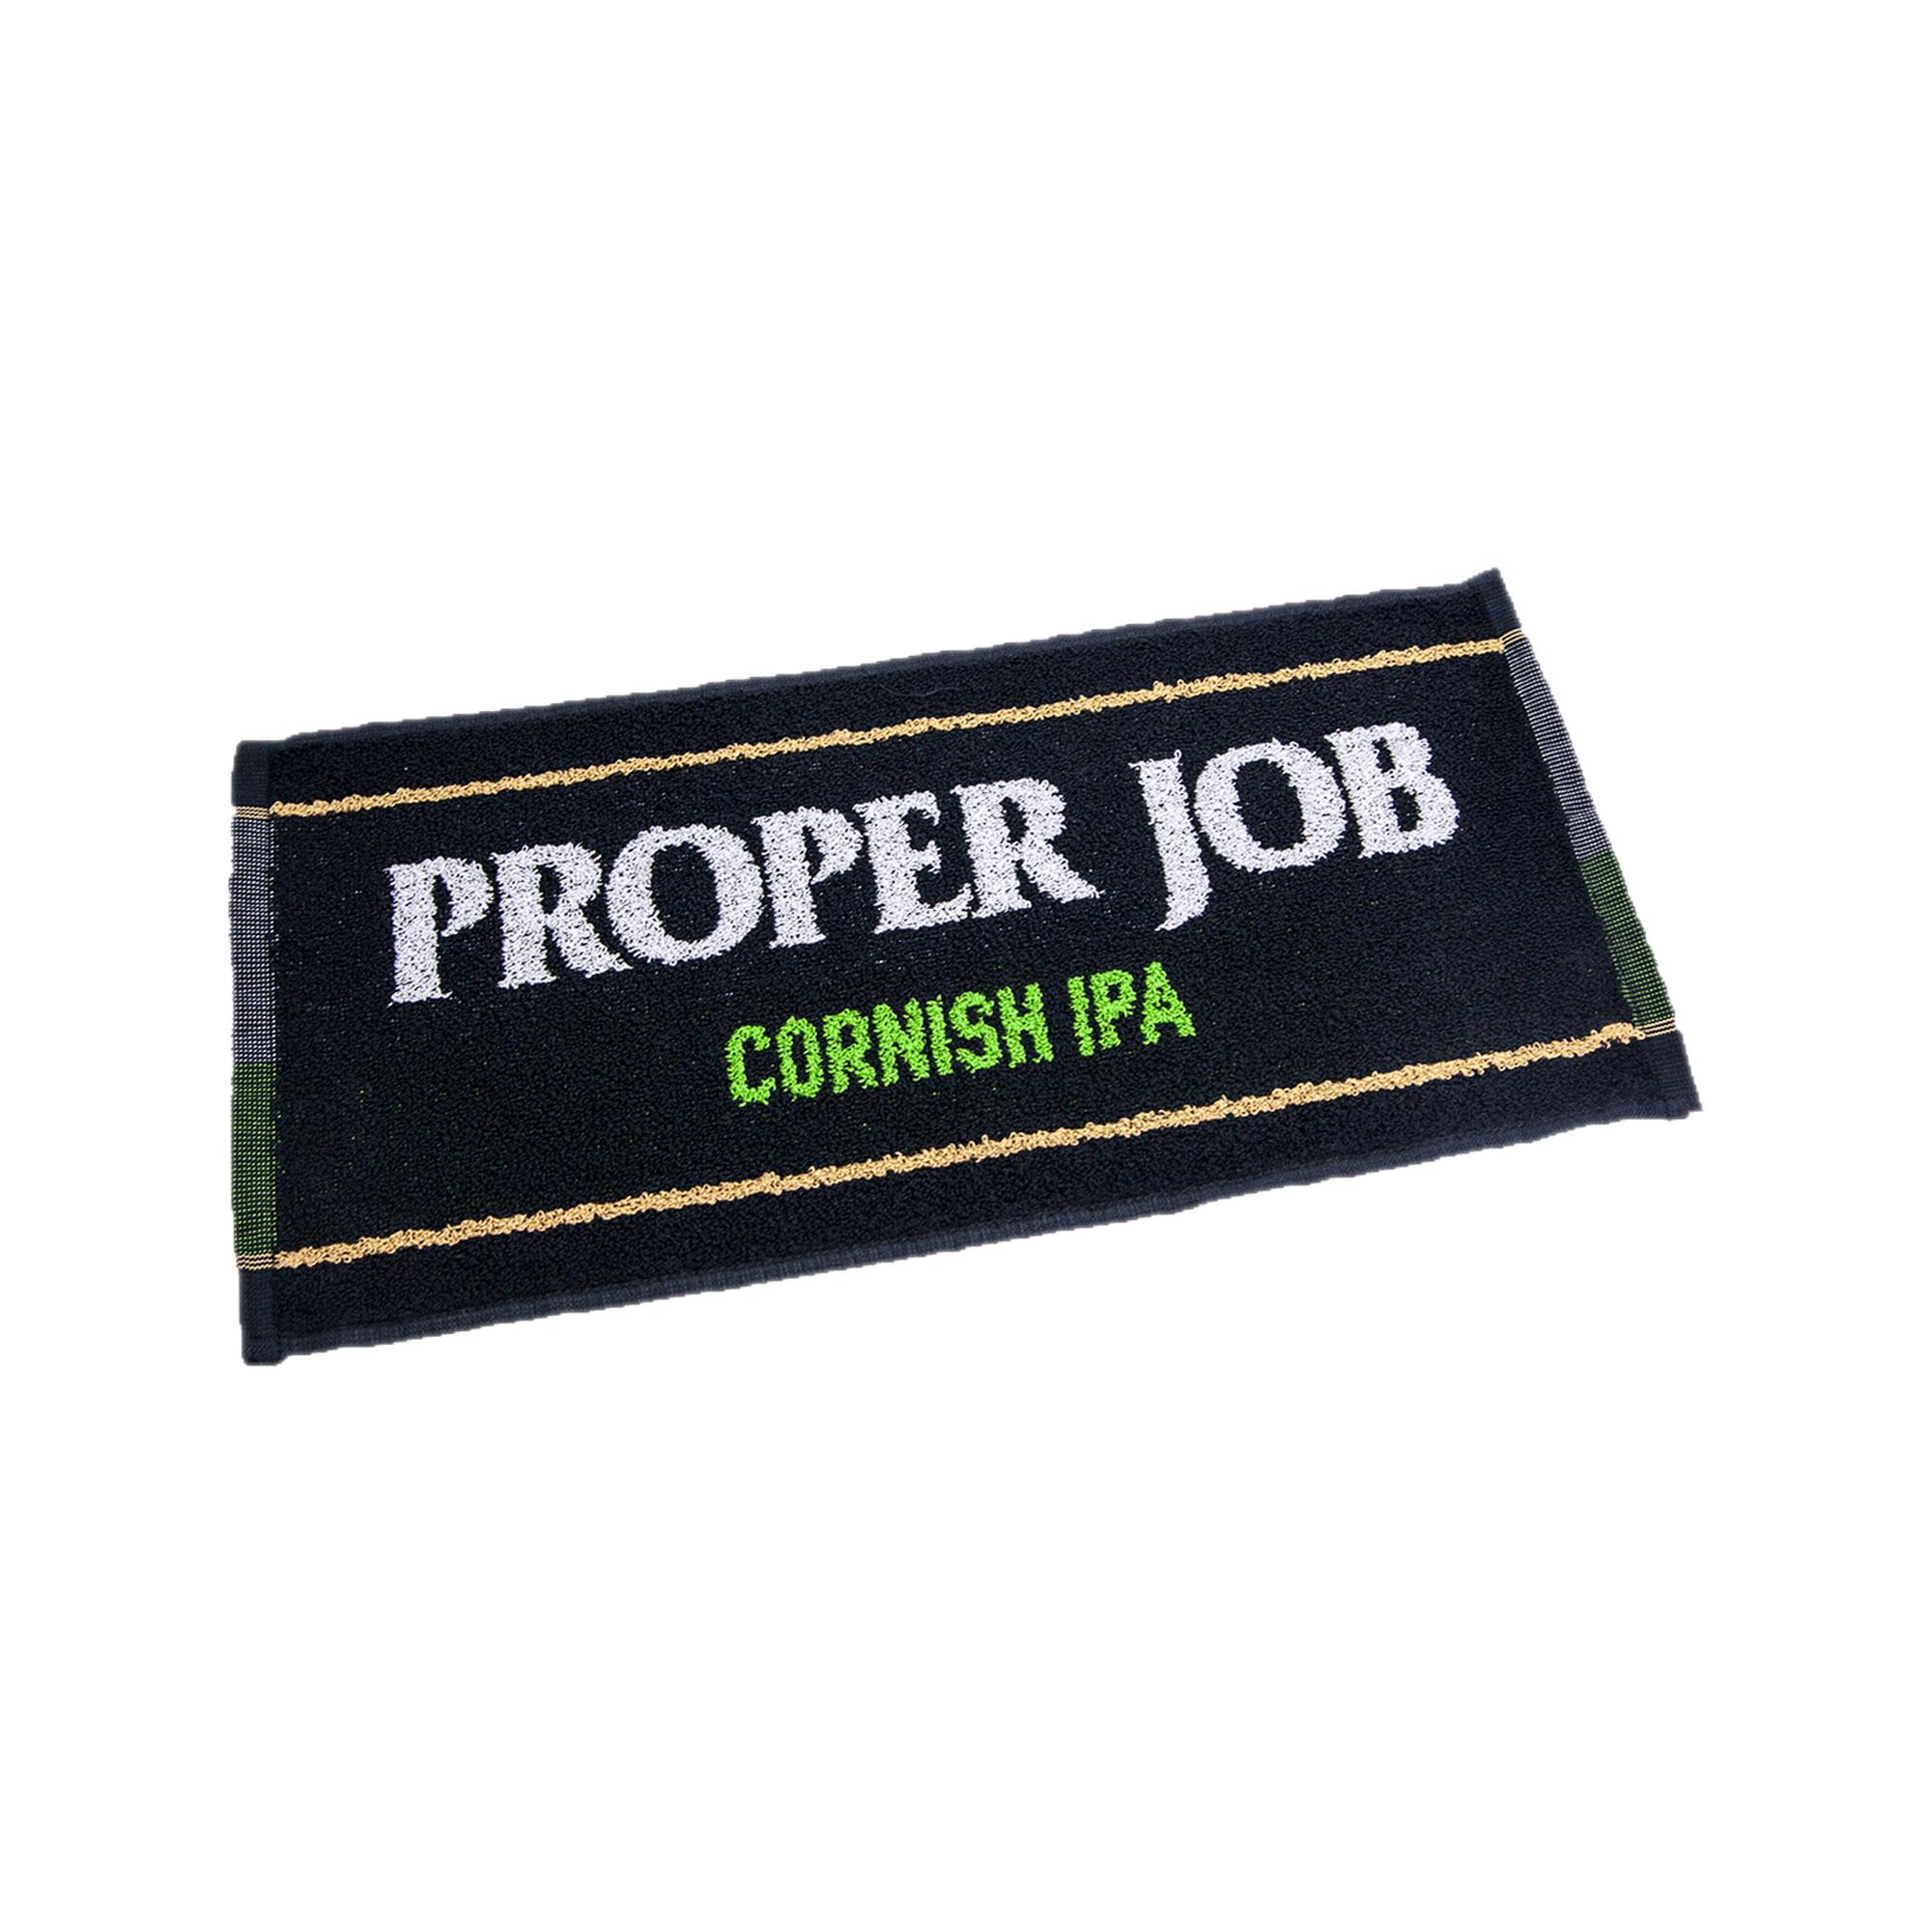 Proper Job bar towel